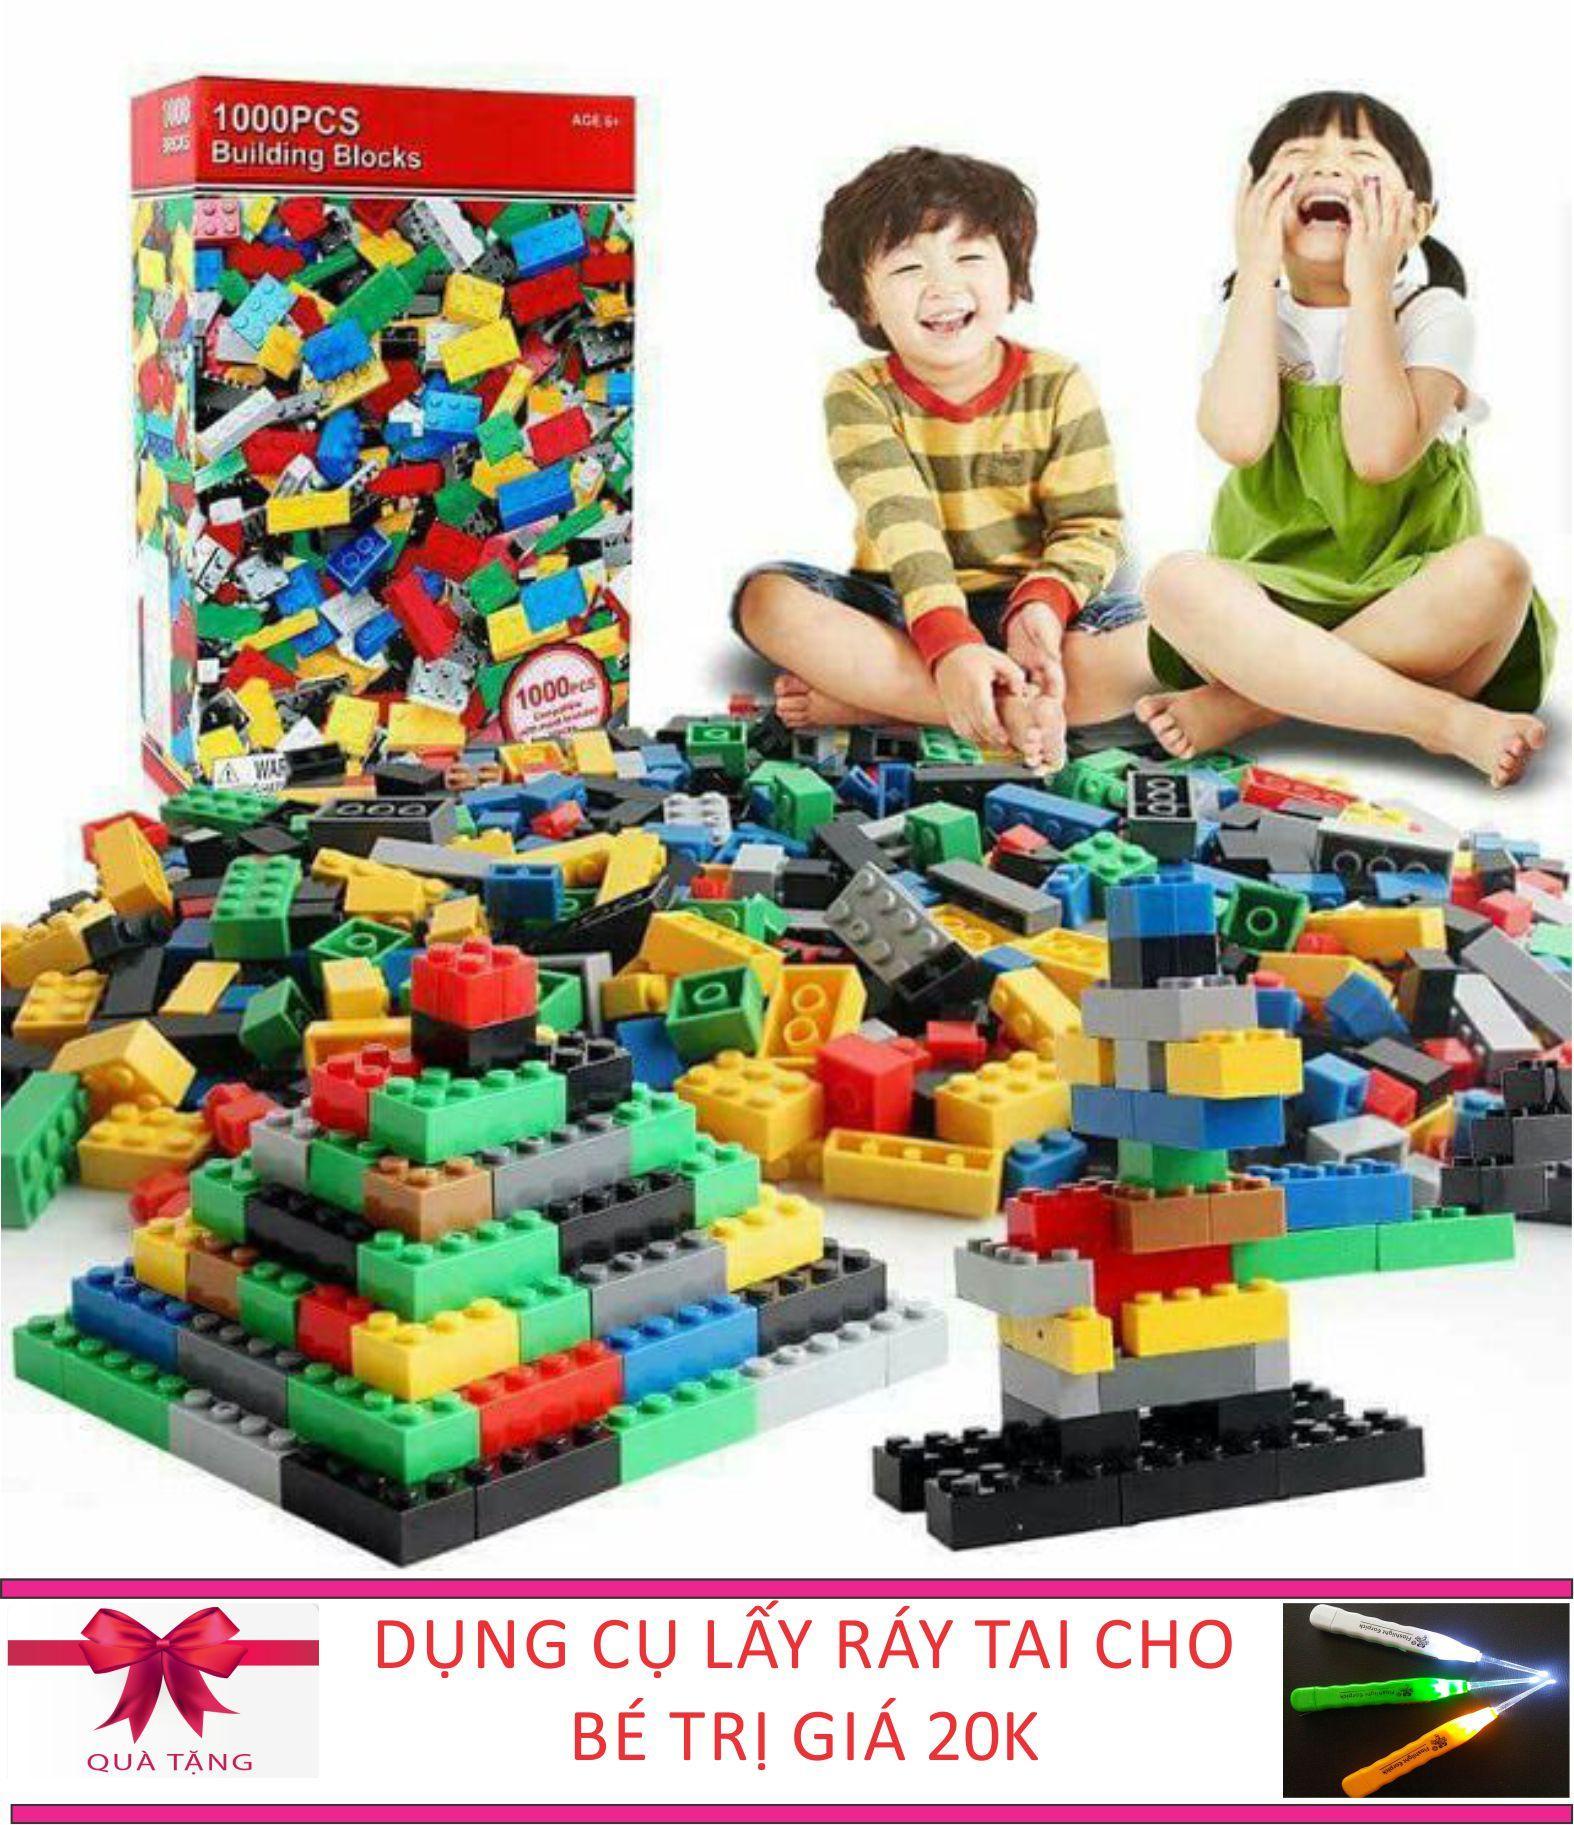 Hình ảnh BỘ XẾP HÌNH LEGO 1000 CHI TIẾT NHẬP KHẨU CHO BÉ TẶNG KÈM DỤNG CỤ LẤY RÁY TAI CÓ ĐÈN CHO BÉ